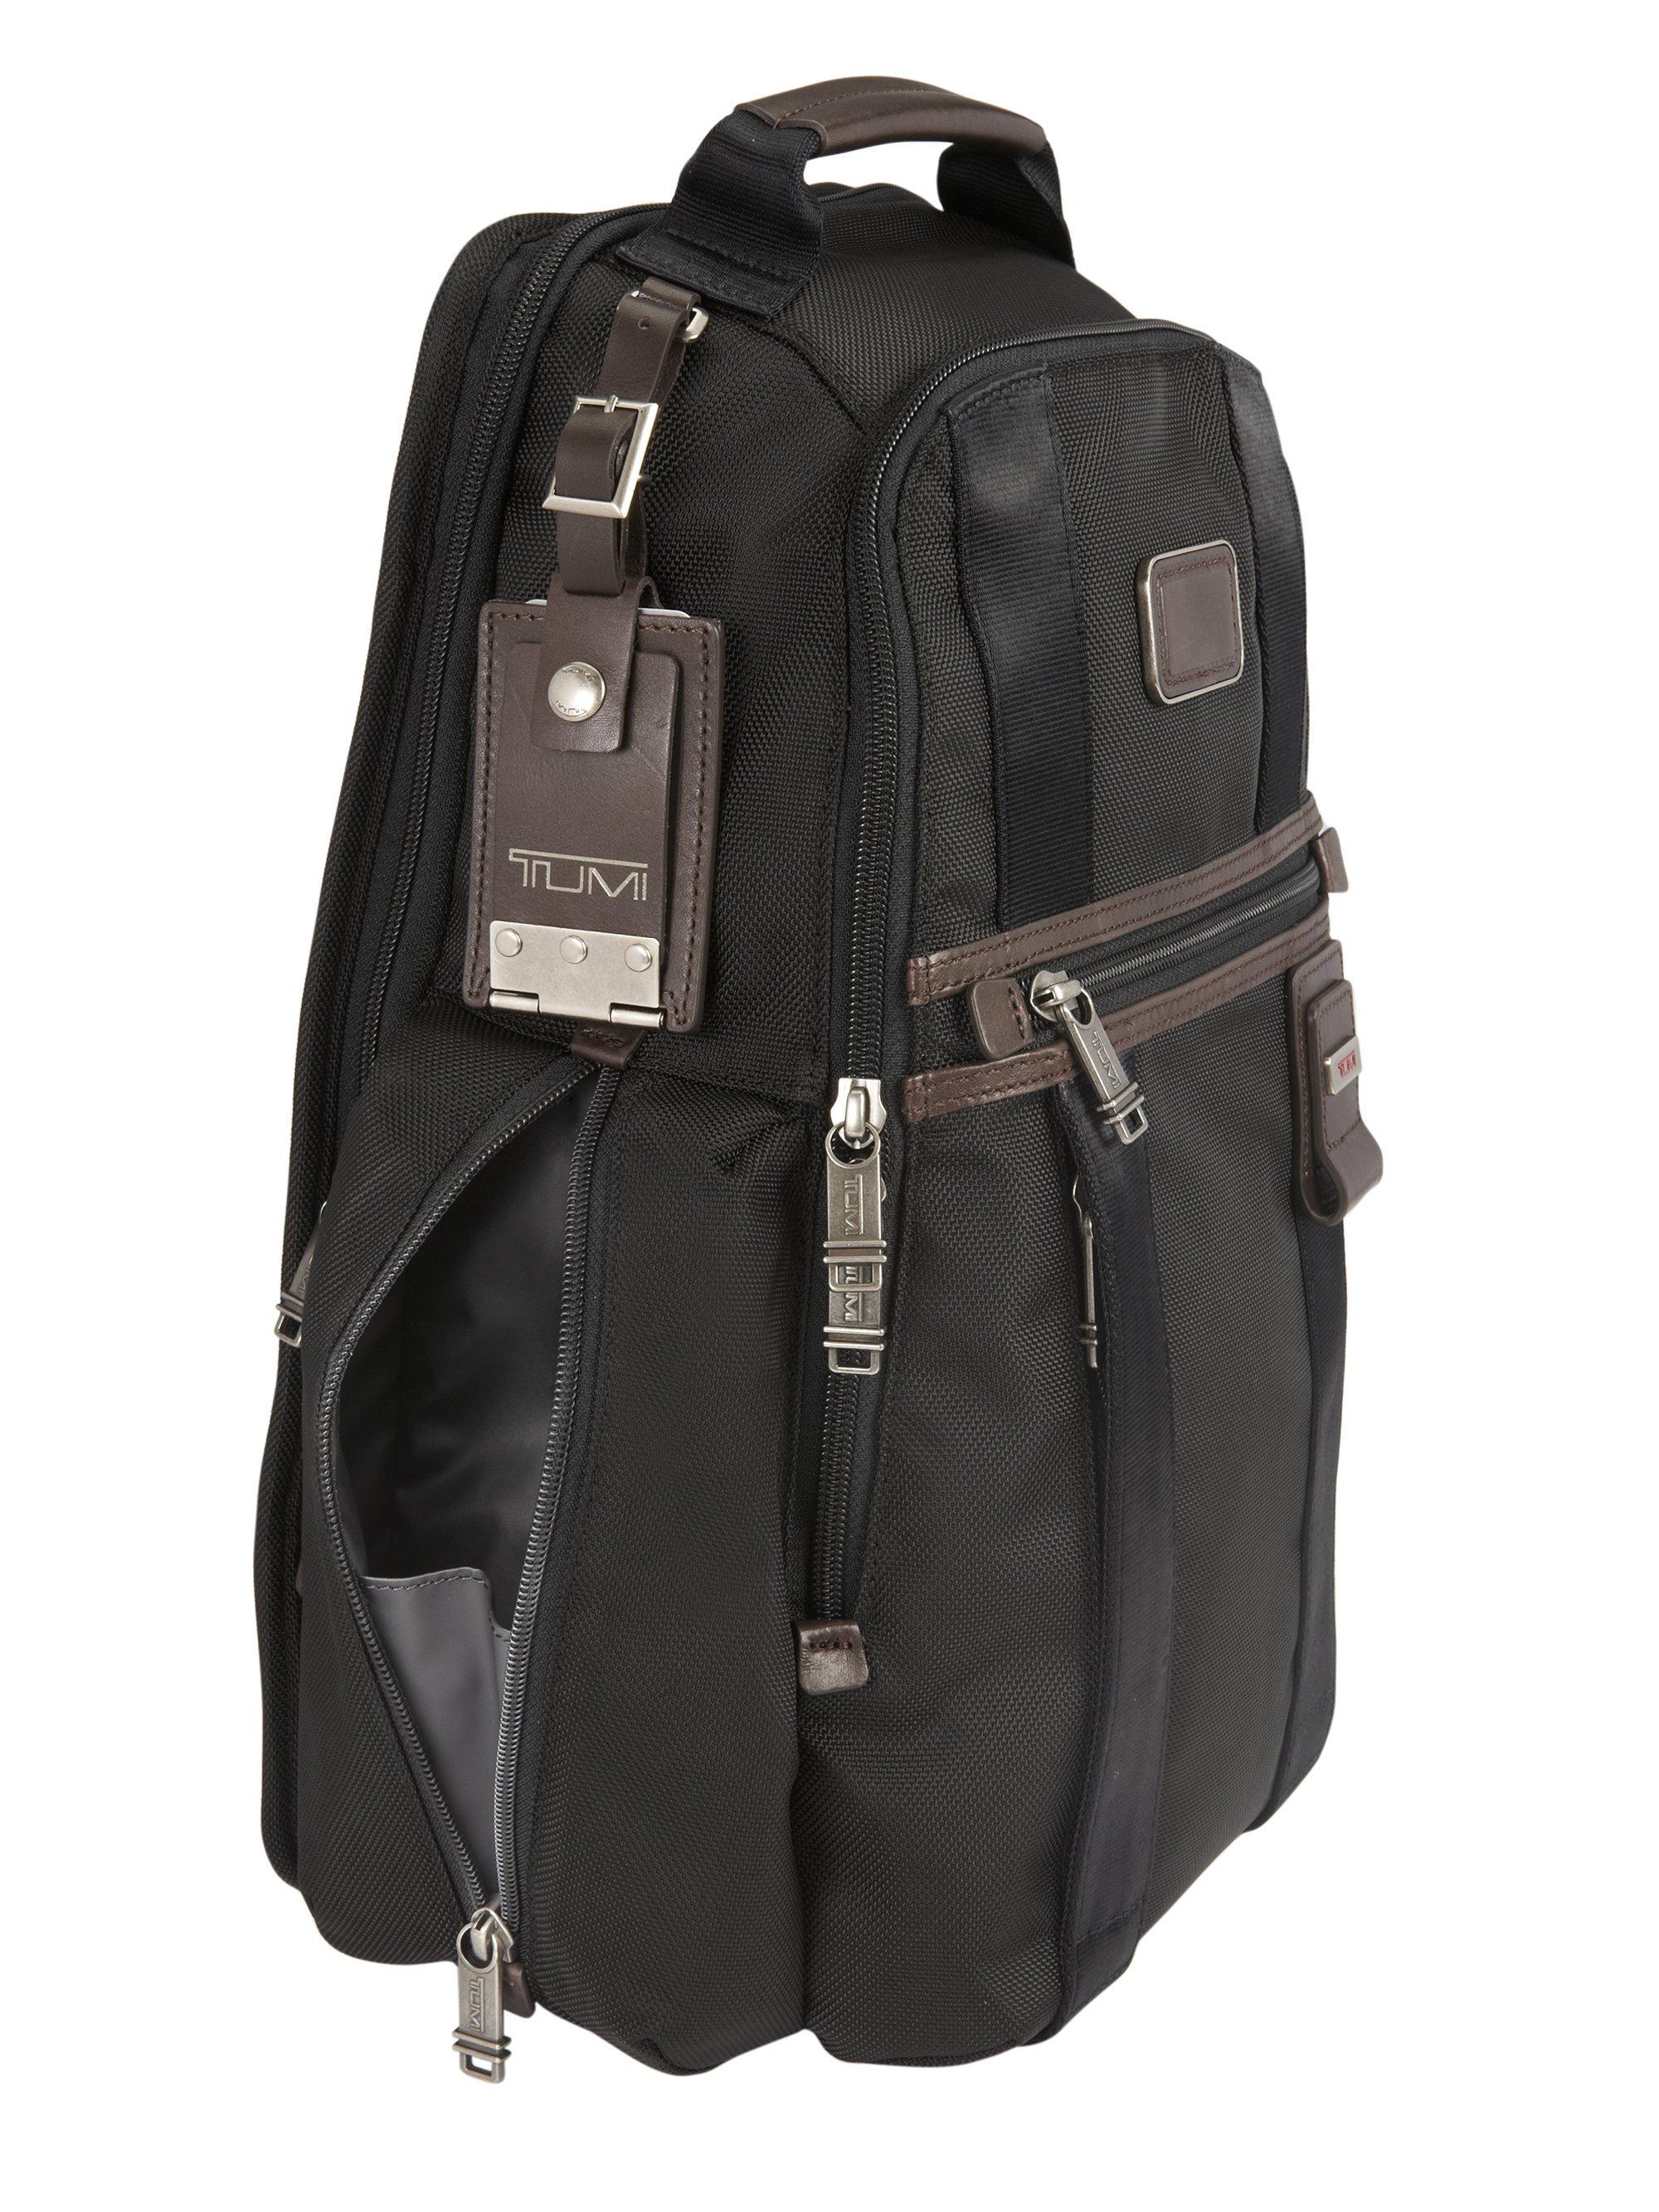 Tumi Bravo Greely Sling Backpack In Black For Men Lyst